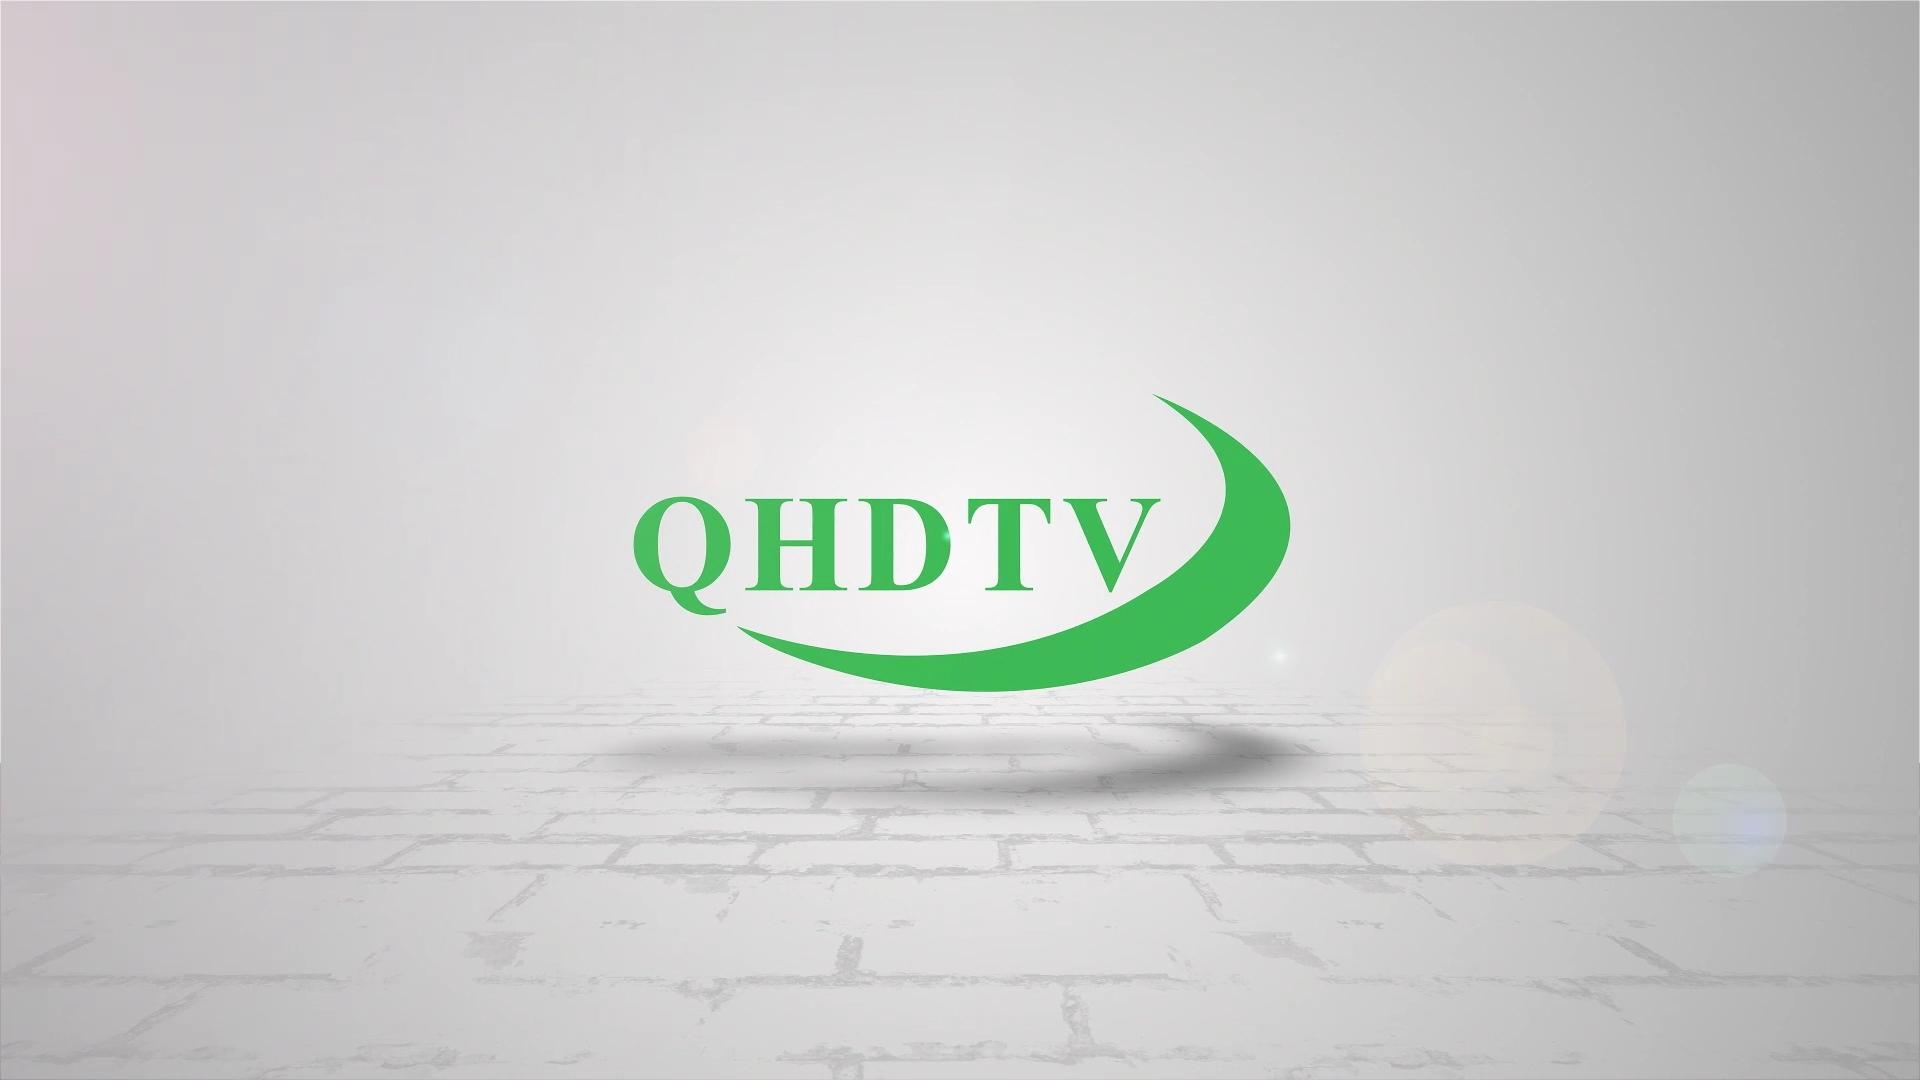 Abonnement QHDTV 3, télécharger apk Android, iOS et code gratuit